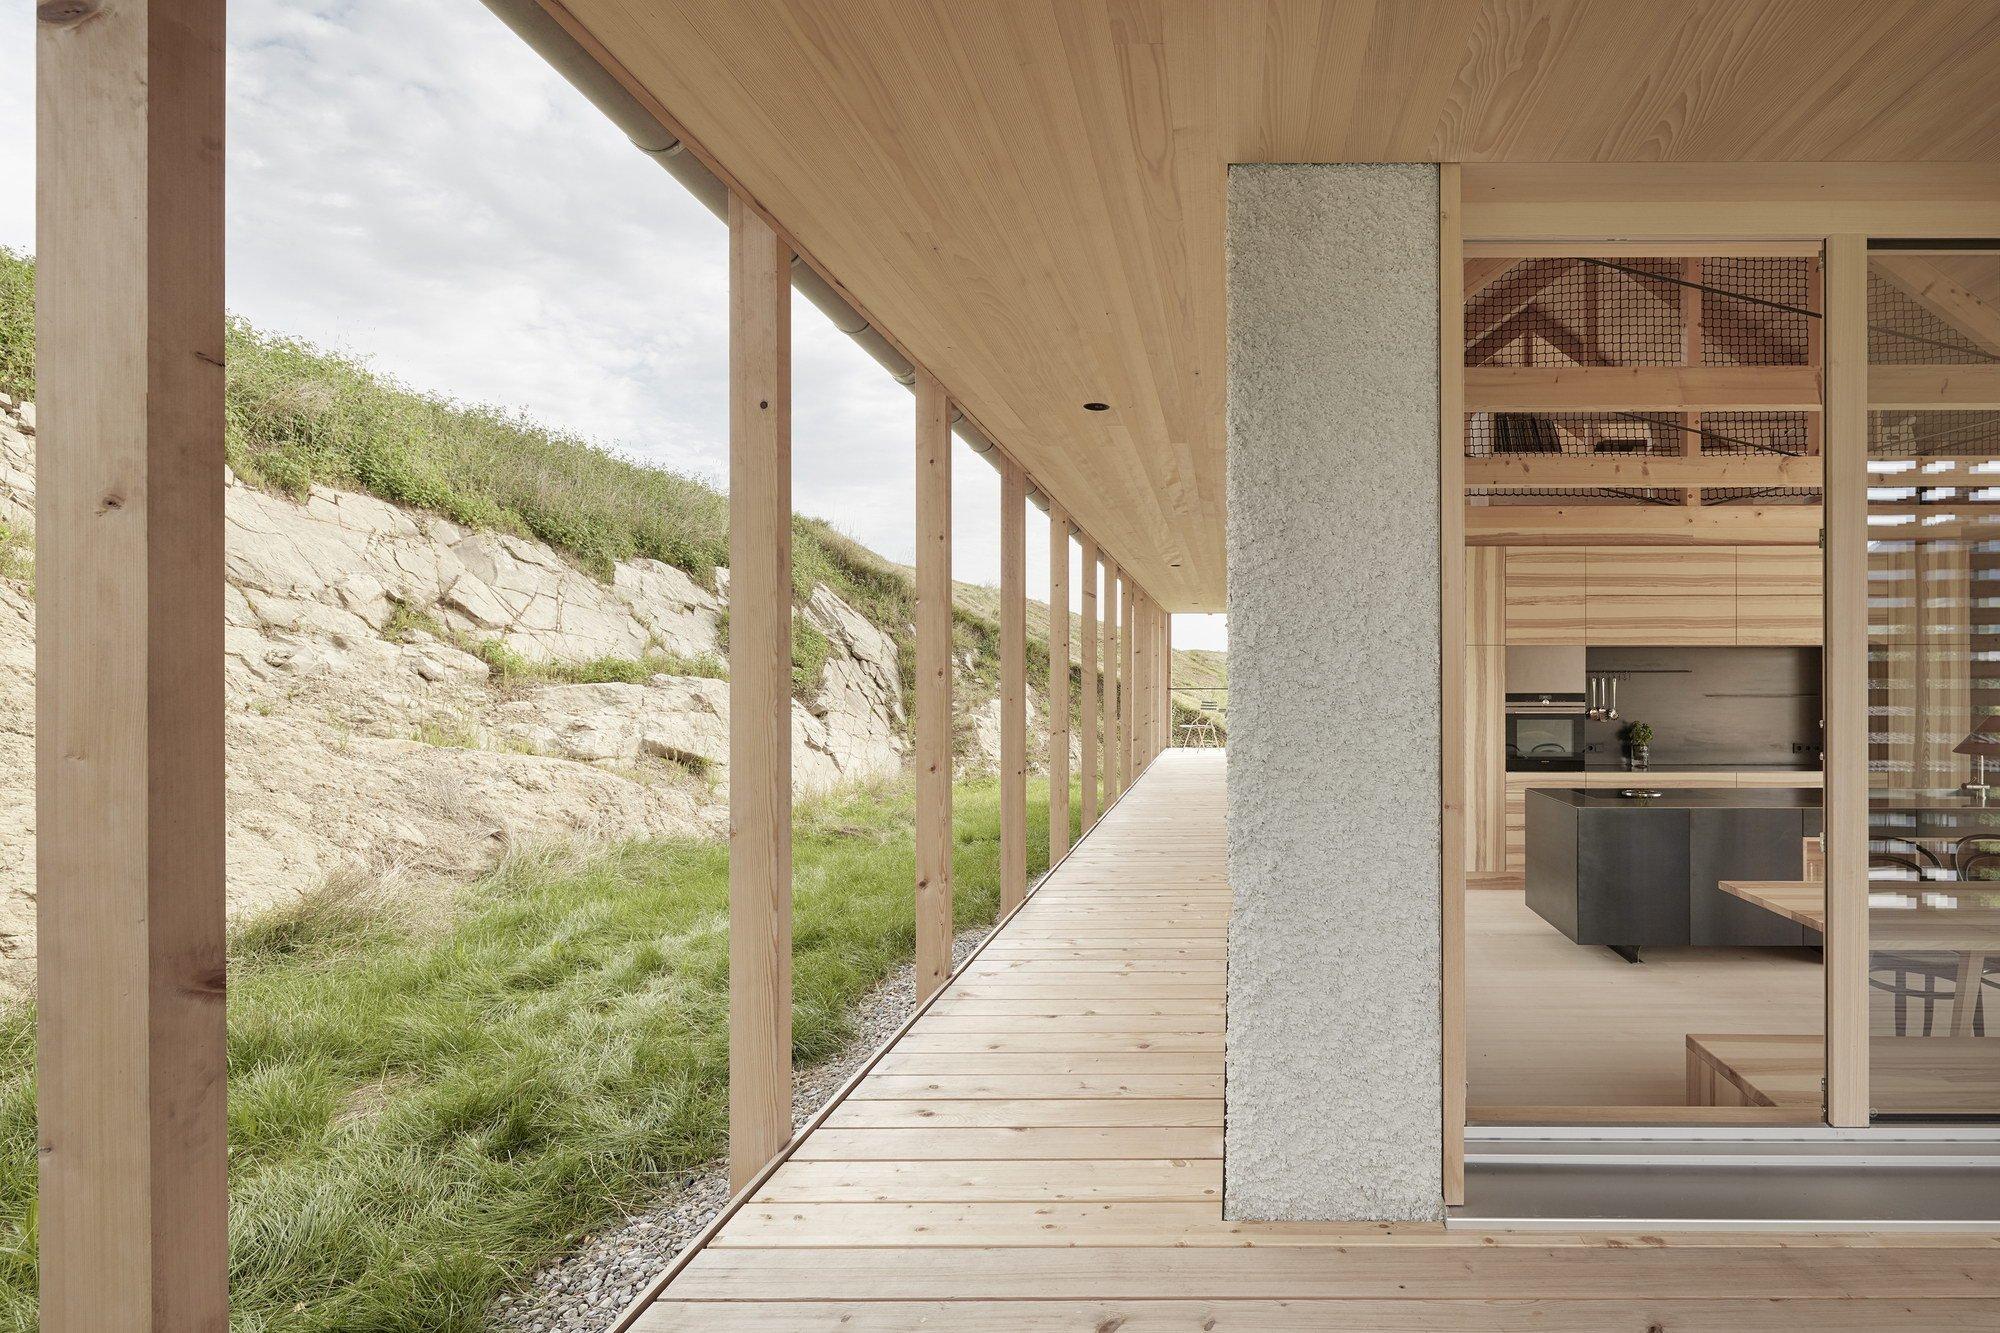 Beton a dřevo: Minimalistický dům ve strmém kopci